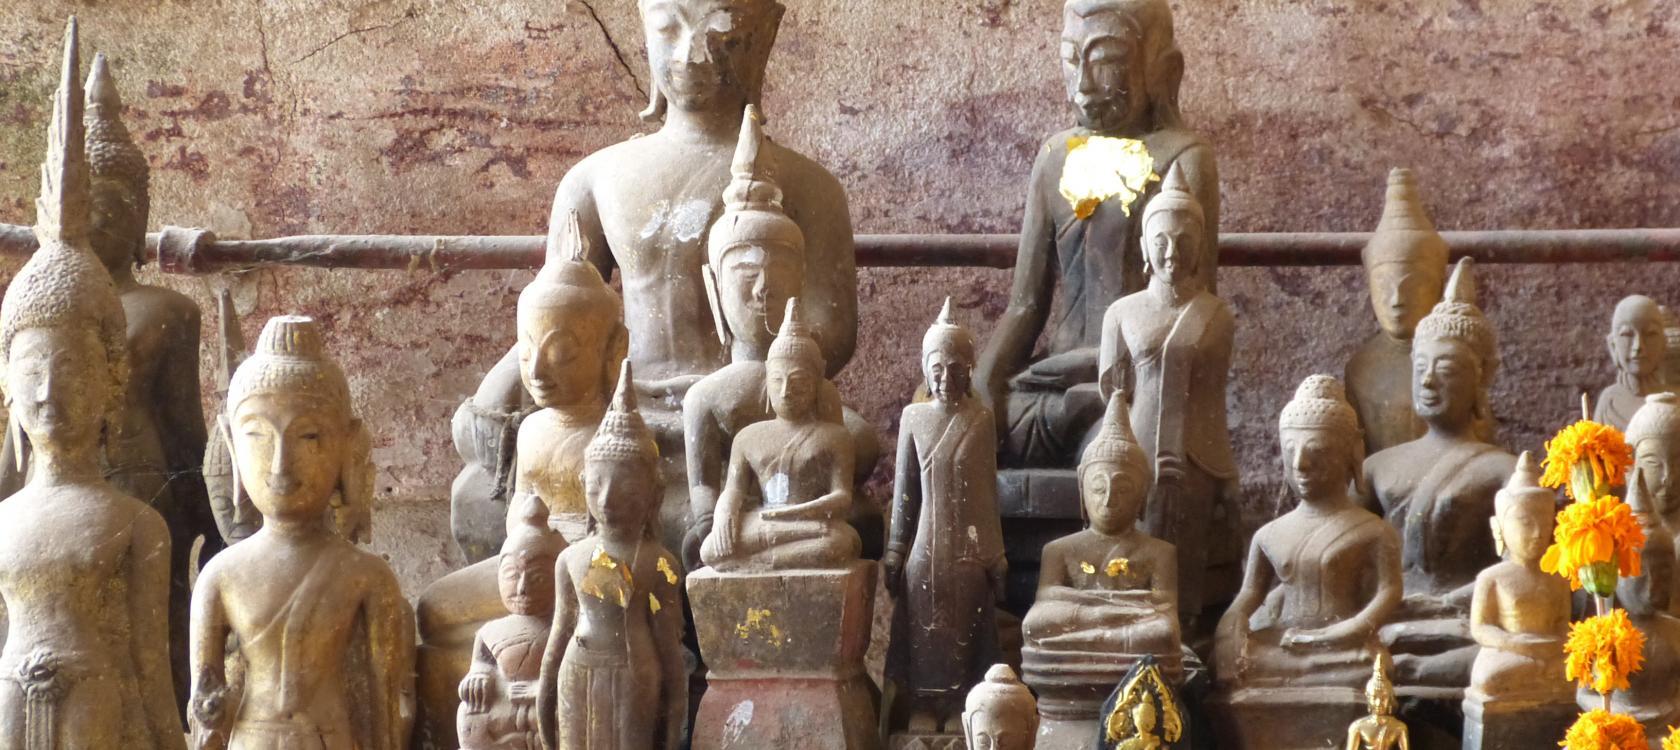 Statuettes, Laos